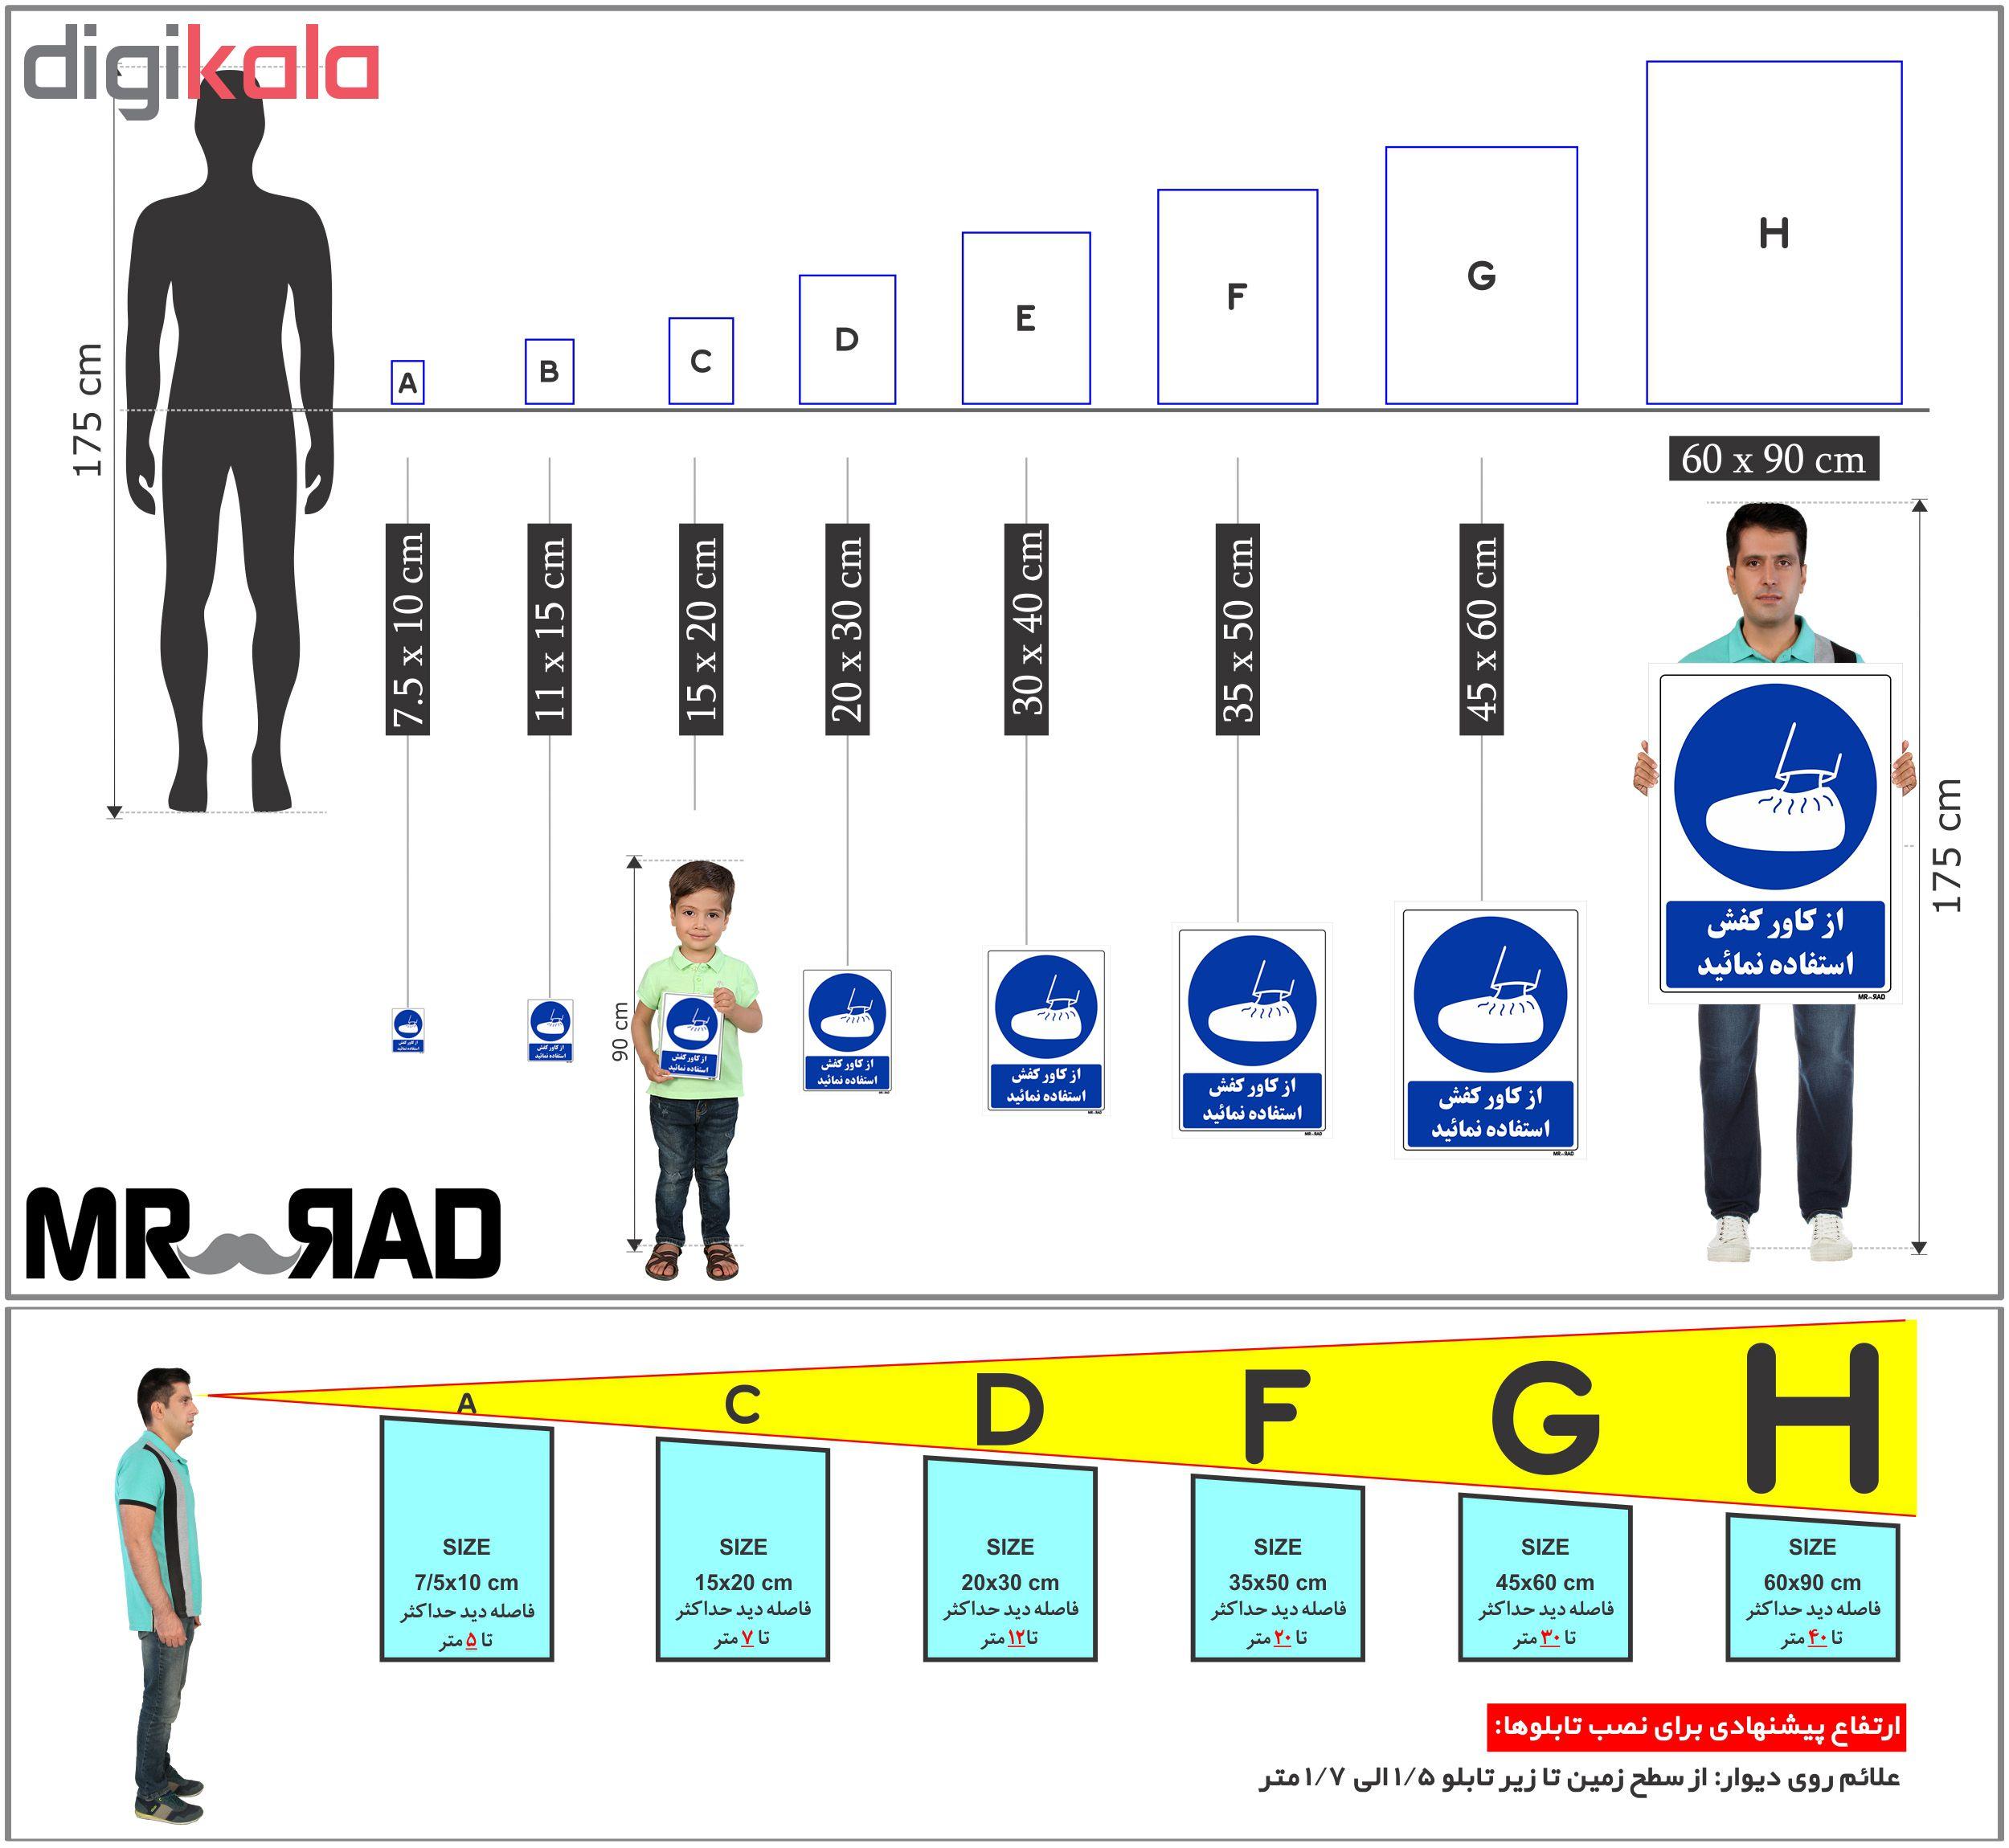 تابلو ایمنی FG طرح از کاور کفش استفاده نمائید کد THB229